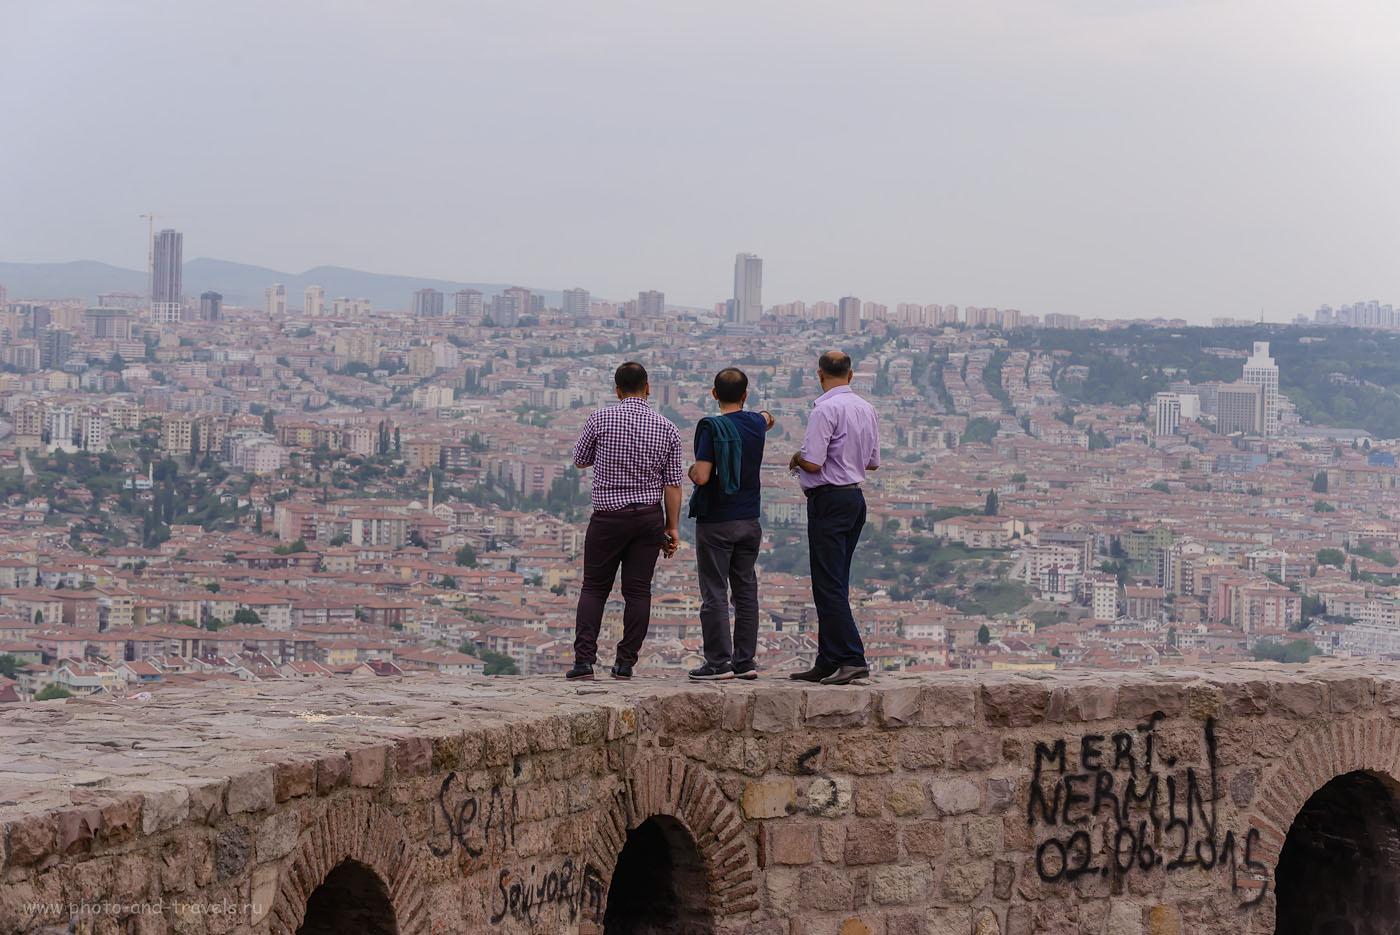 Фото 26. Крепость в Анкаре – одна из интересных достопримечательностей столицы Турции. 1/250, +0.33, 7.1, 500, 102.